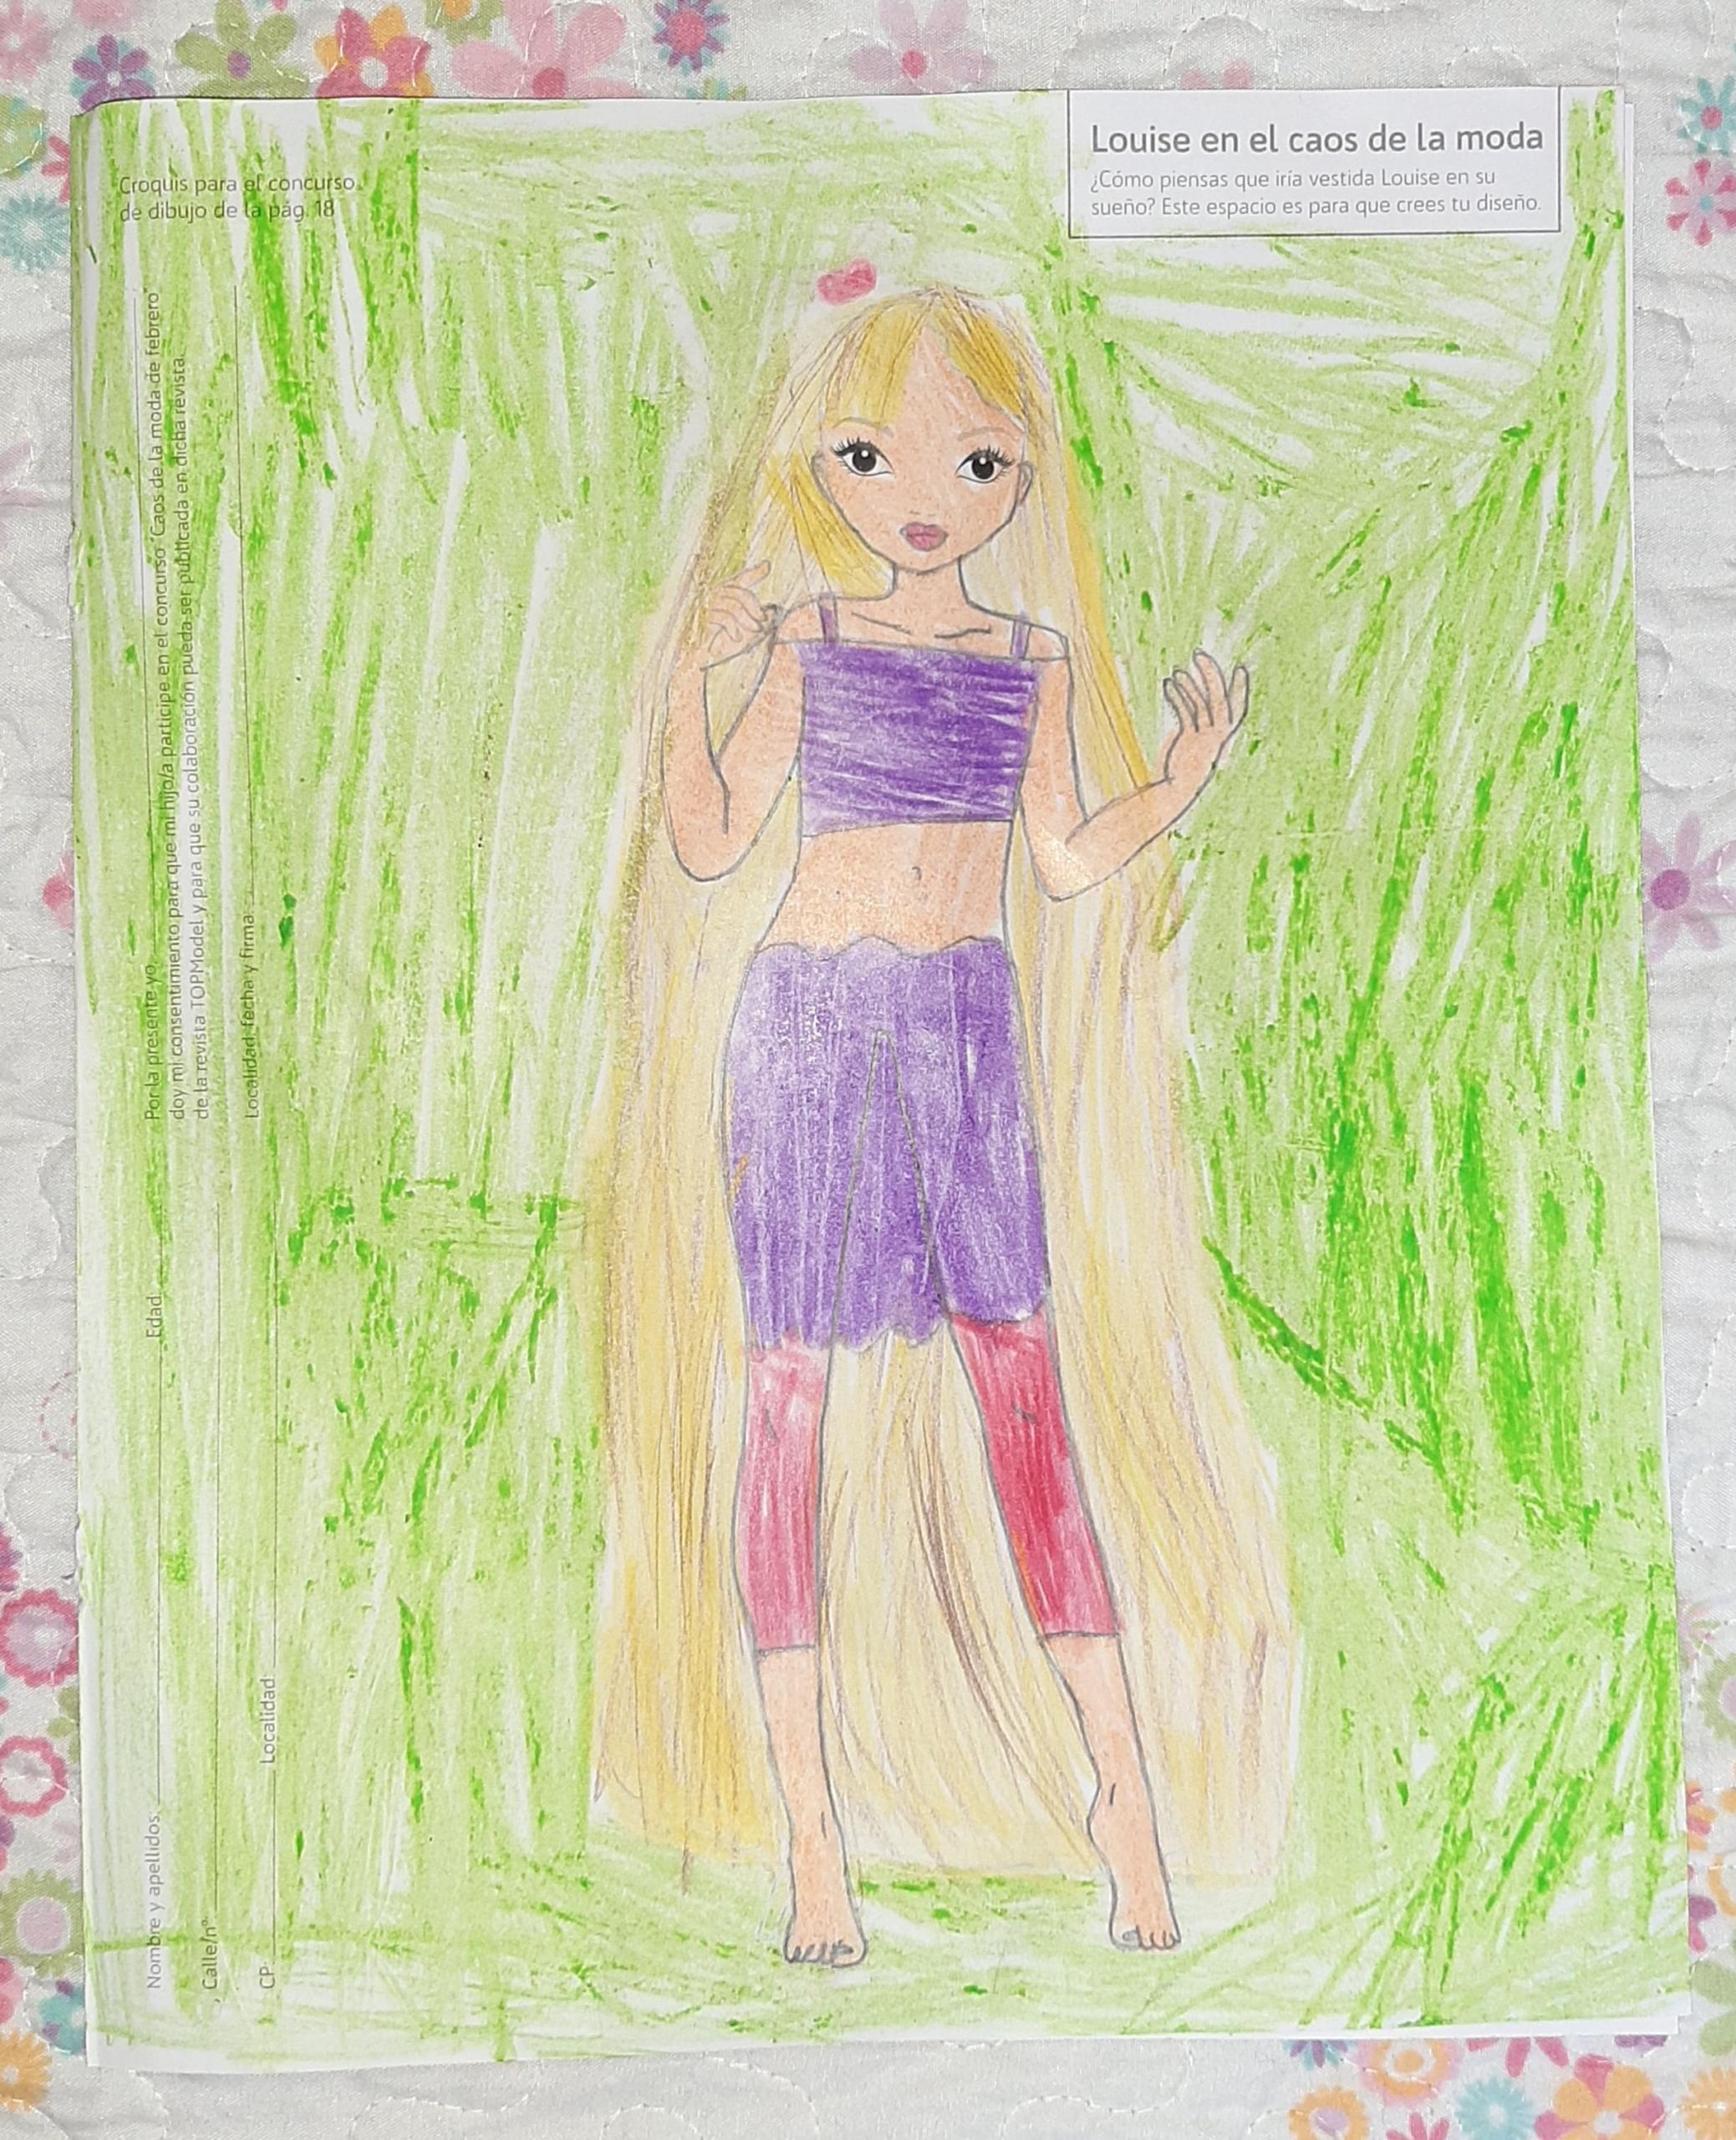 Isabel M., 8 Jahre, aus Sevilla